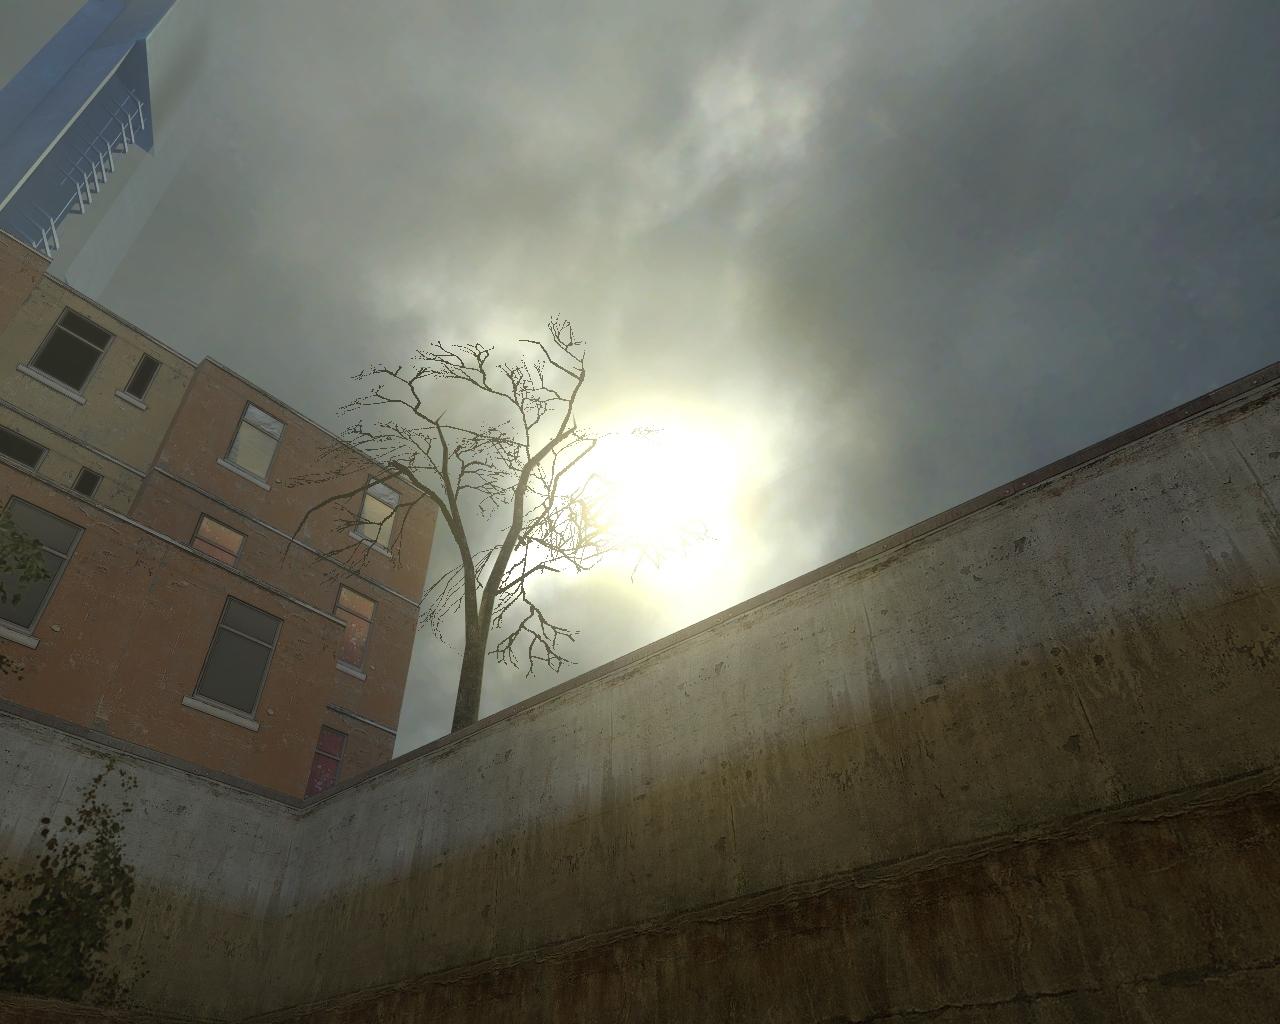 d3_c17_06a0001.jpg - Half-Life 2